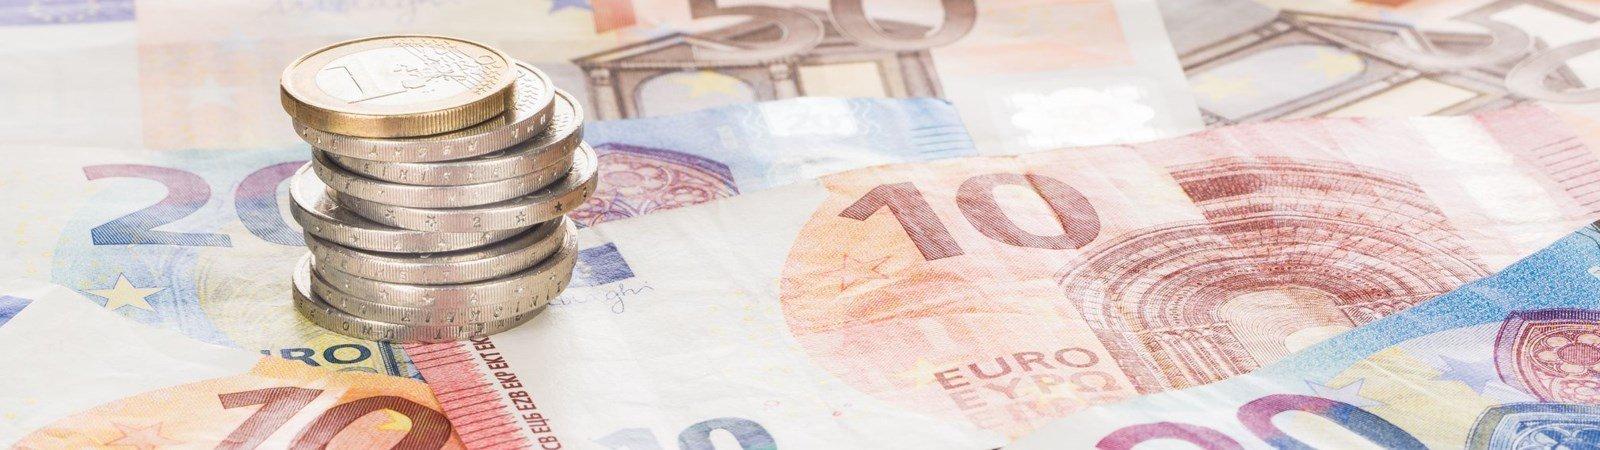 Erdwärmepumpe: Kosten für Anschaffung und Betrieb